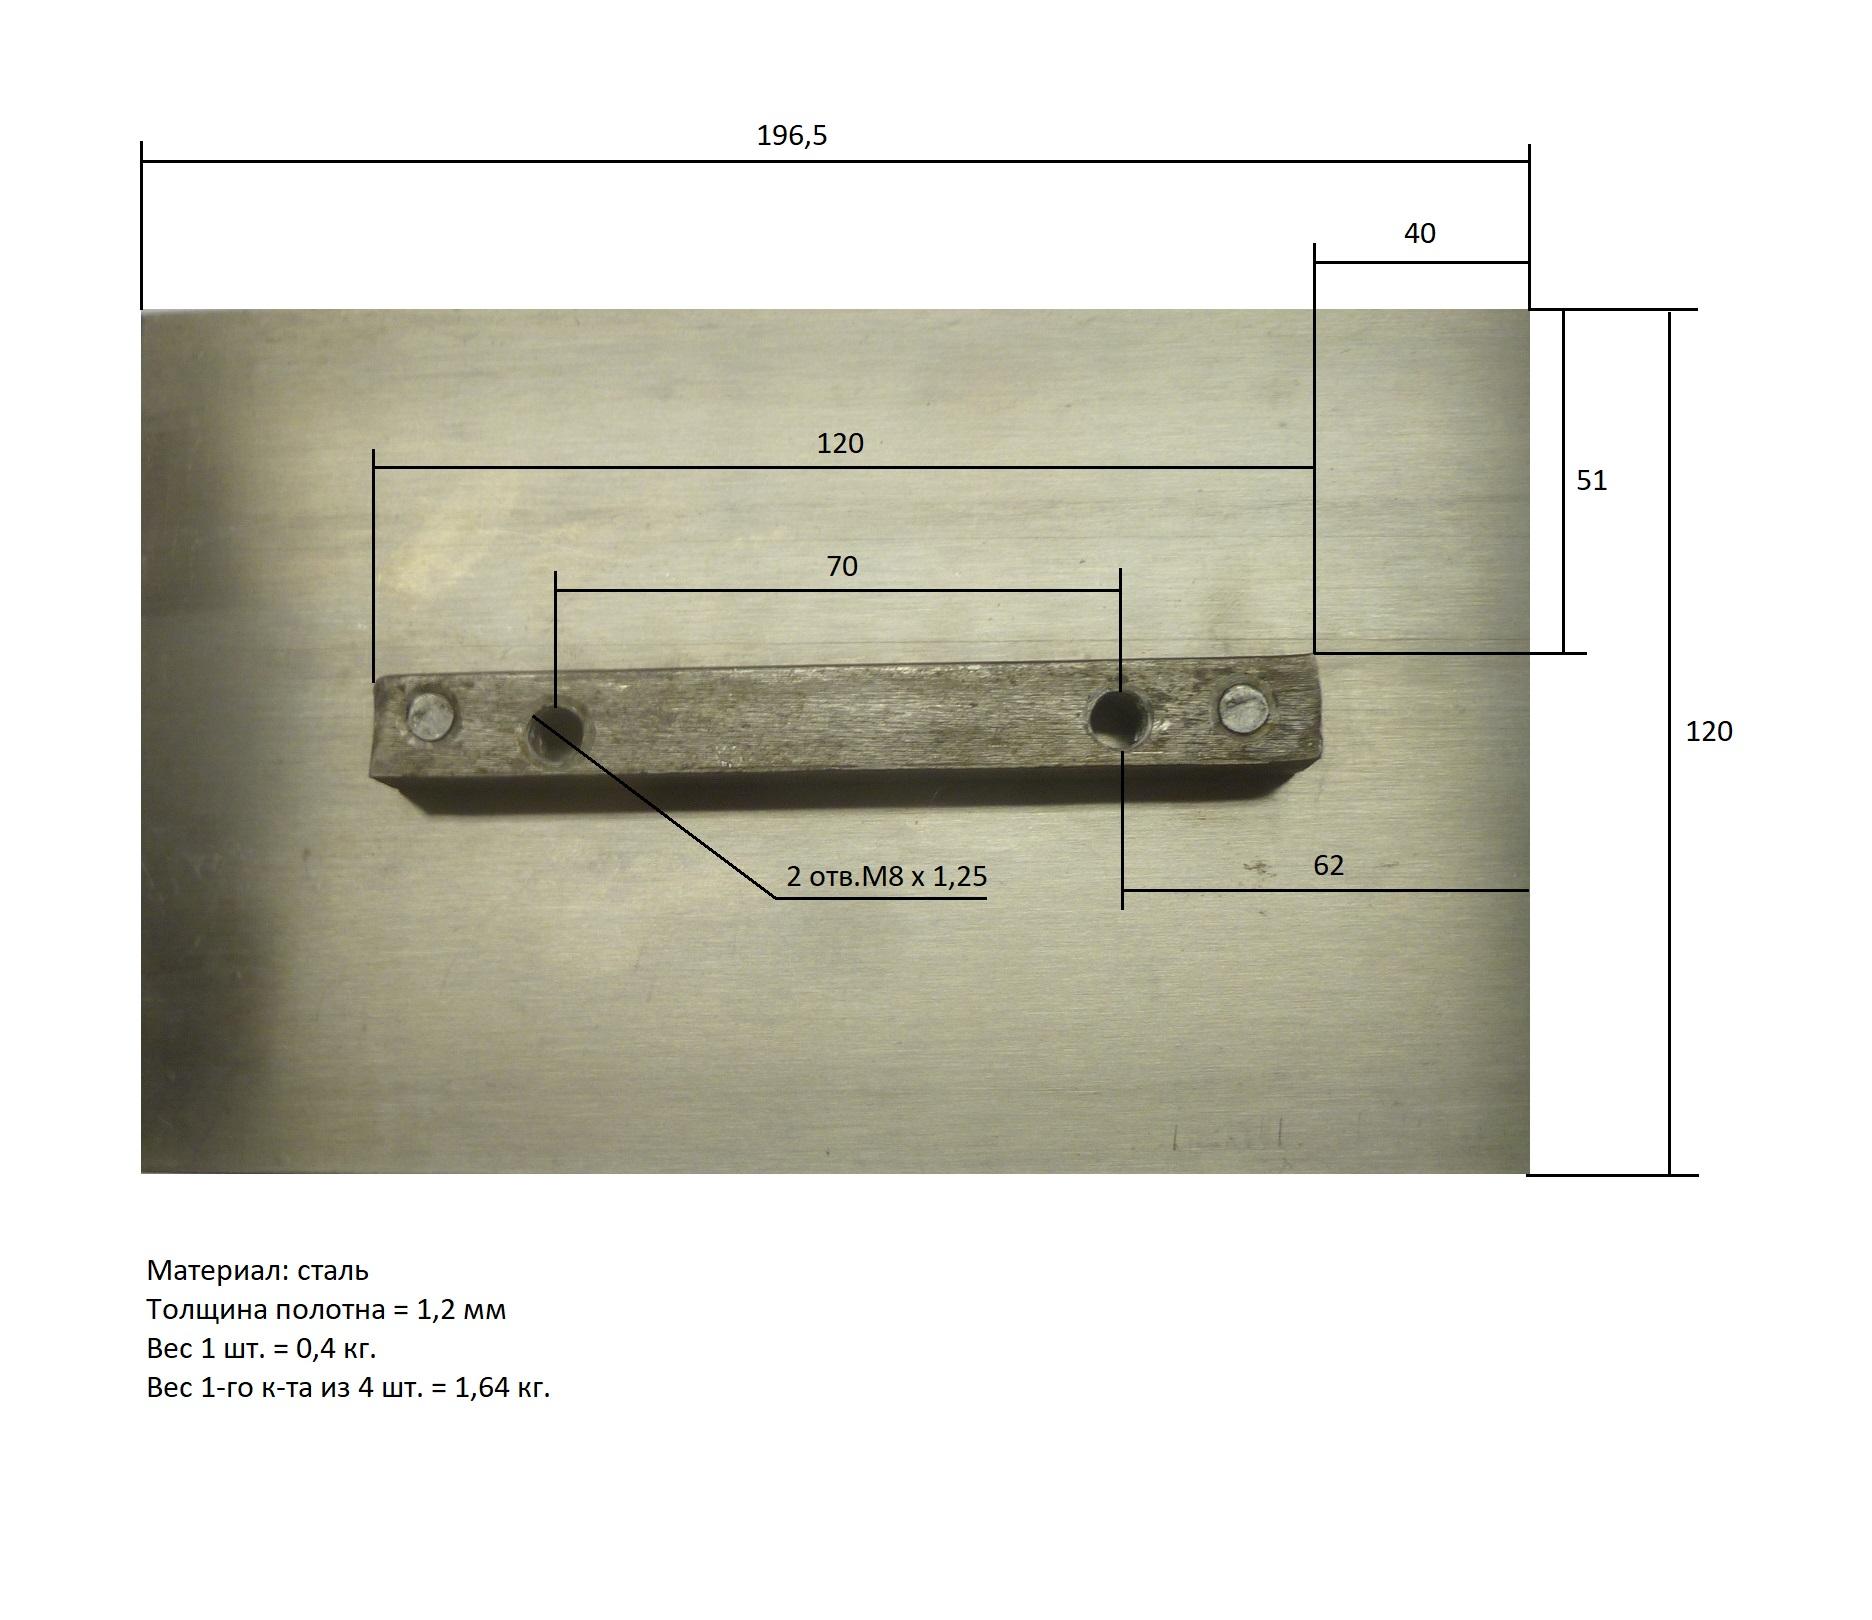 Лопасти для ТСС DMD, DMR 600 (к-т из 4 лопастей)